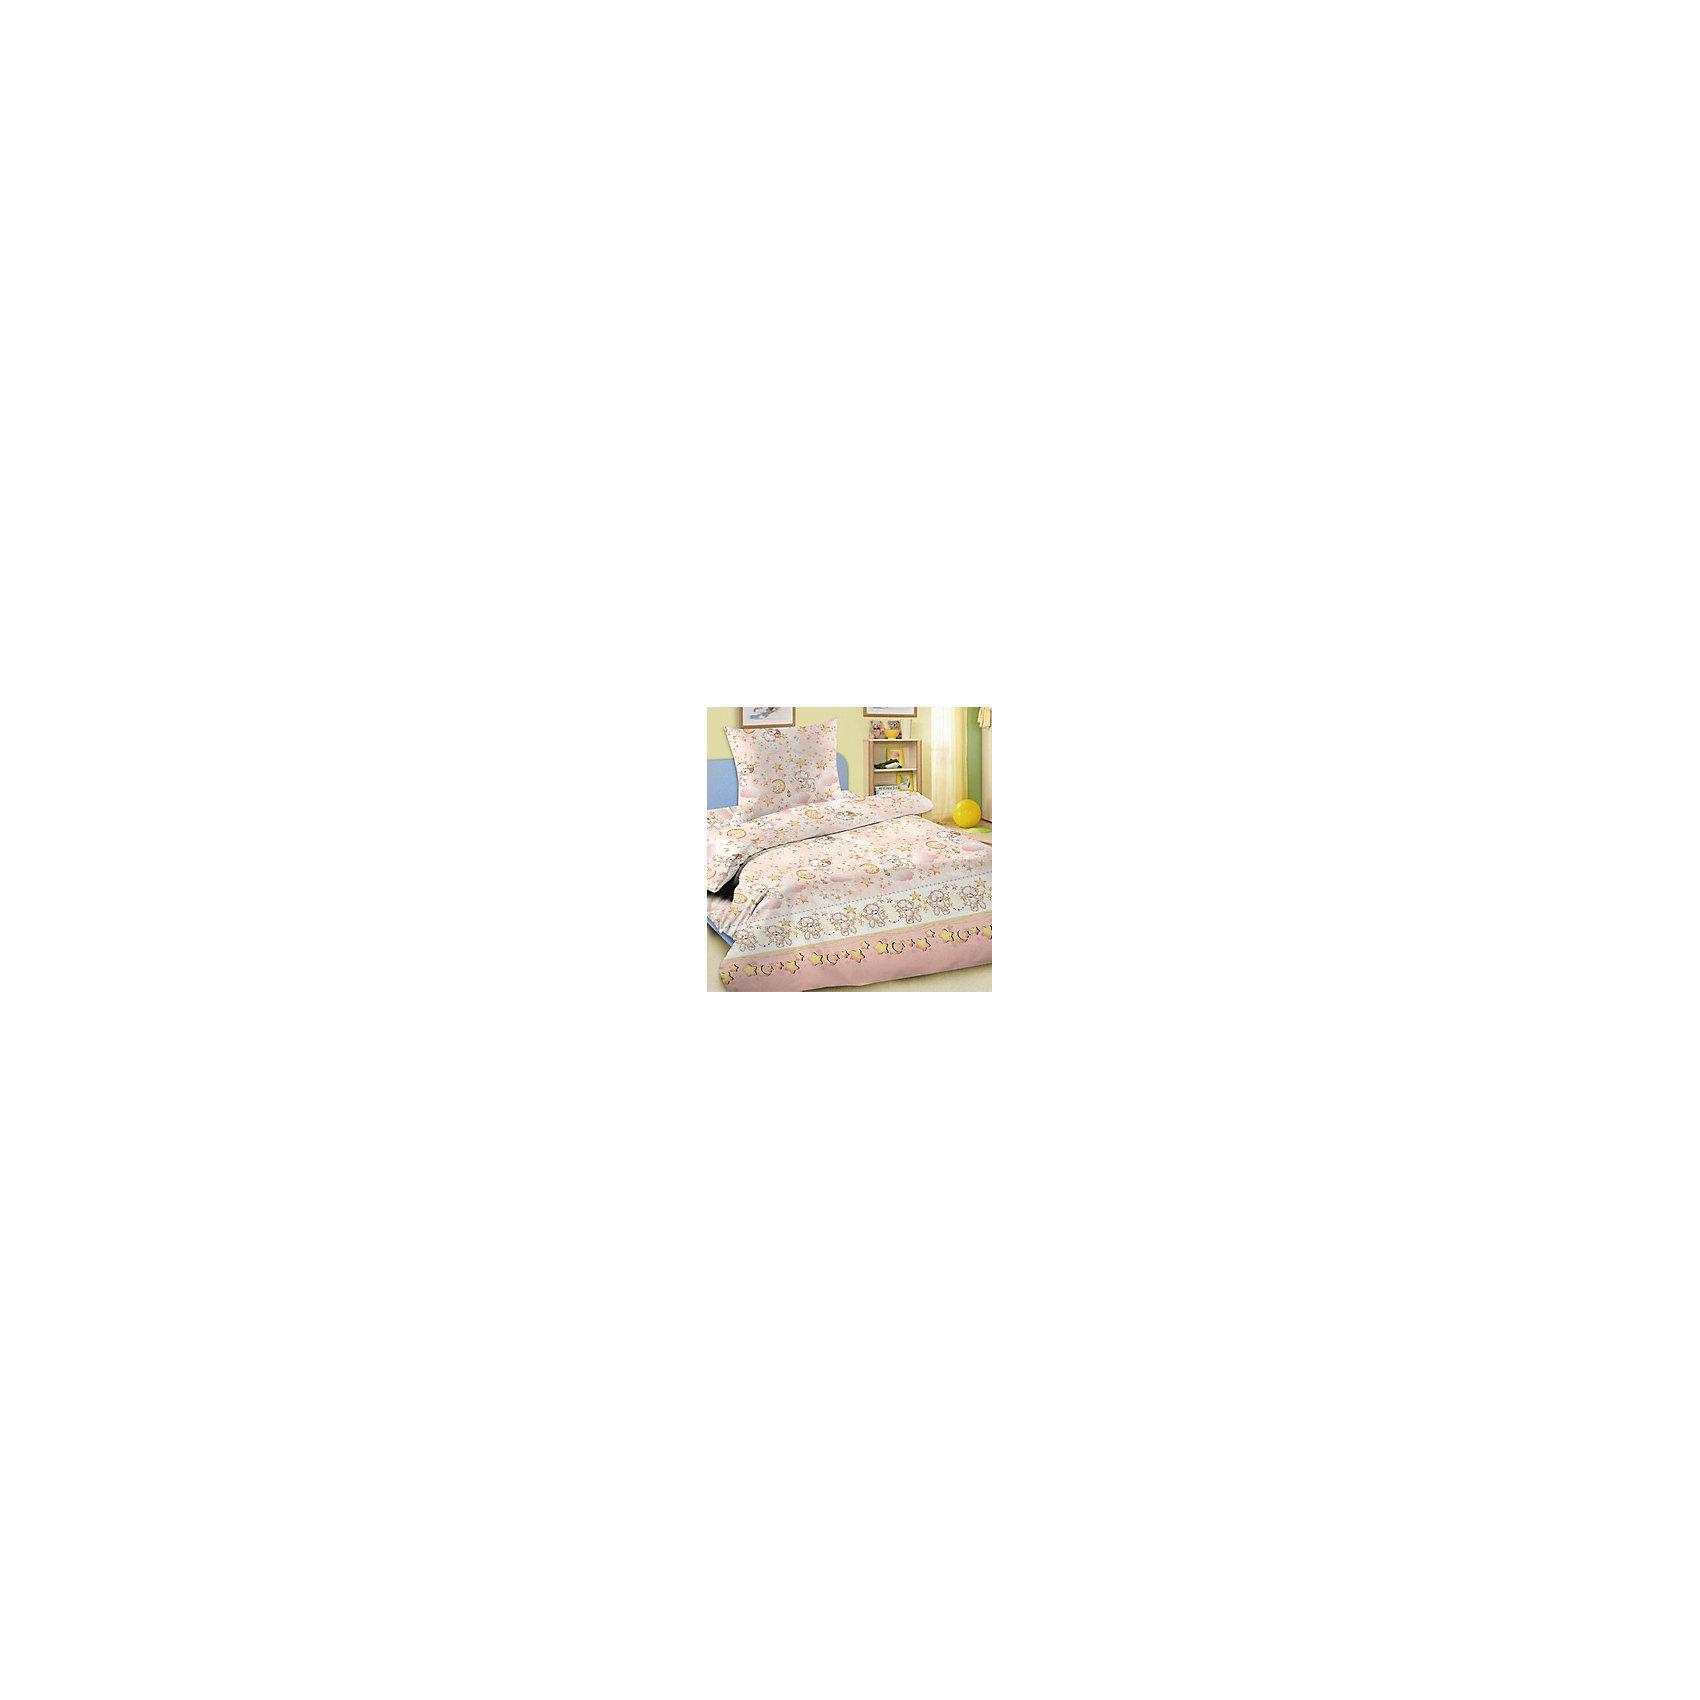 Детский комплект Лунные мишки розовый (3 предмета), LettoС комплектом постельного белья Лунные мишки, Letto, Ваш ребенок с удовольствием будет укладываться в свою кроватку и видеть чудесные сказочные сны. Комплект выполнен в приятных розовых тонах и украшен изображениями очаровательных мишек. Материал представляет собой качественную плотную бязь, очень комфортную и приятную на ощупь. Ткань отвечает всем экологическим нормам безопасности, дышащая, гипоаллергенная, не нарушает естественные процессы терморегуляции. При стирке белье не линяет, не деформируется и не теряет своих красок даже после многочисленных стирок. Можно стирать в машинке в деликатном режиме 30-40 градусов. <br><br>Дополнительная информация:<br><br>- Тип ткани: бязь (100% хлопок).<br>- В комплекте: 1 наволочка, 1 пододеяльник, 1 простыня.<br>- Размер пододеяльника: 145 х 110 см.<br>- Размер наволочки: 40 х 60 см.<br>- Размер простыни: 120 х 60 см.<br>- Размер упаковки: 28 х 6 х 20 см.<br>- Вес: 1 кг. <br><br>Детский комплект Лунные мишки розовый (3 предмета), Letto, можно купить в нашем интернет-магазине.<br><br>Ширина мм: 280<br>Глубина мм: 60<br>Высота мм: 200<br>Вес г: 1000<br>Возраст от месяцев: 0<br>Возраст до месяцев: 72<br>Пол: Женский<br>Возраст: Детский<br>SKU: 4400429